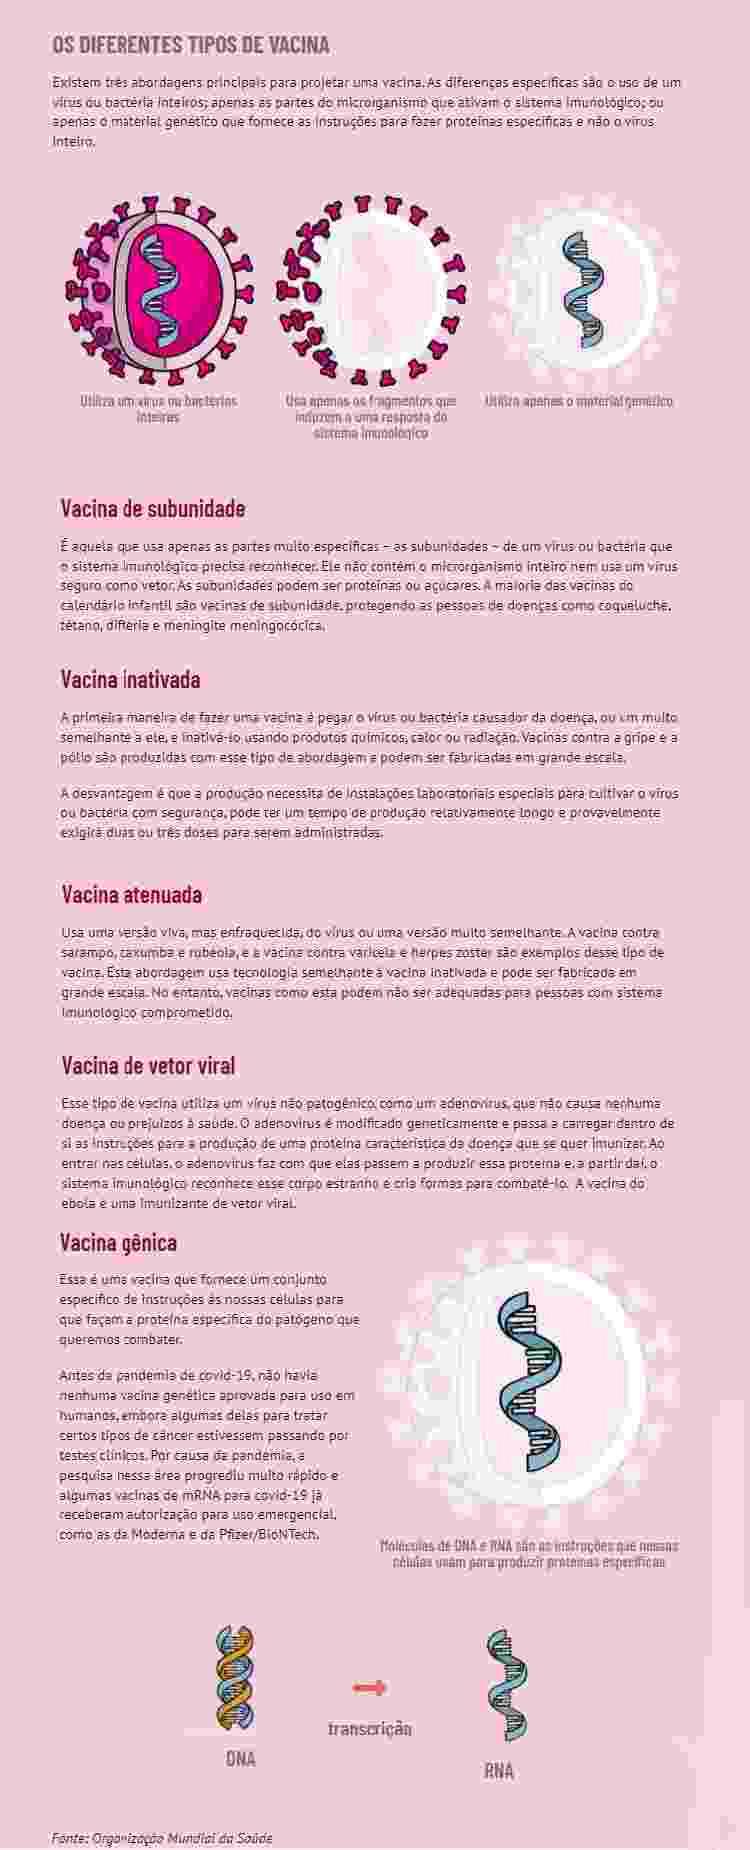 Os diferentes tipos de vacina -  Moisés Dorado/Jornal da USP -  Moisés Dorado/Jornal da USP